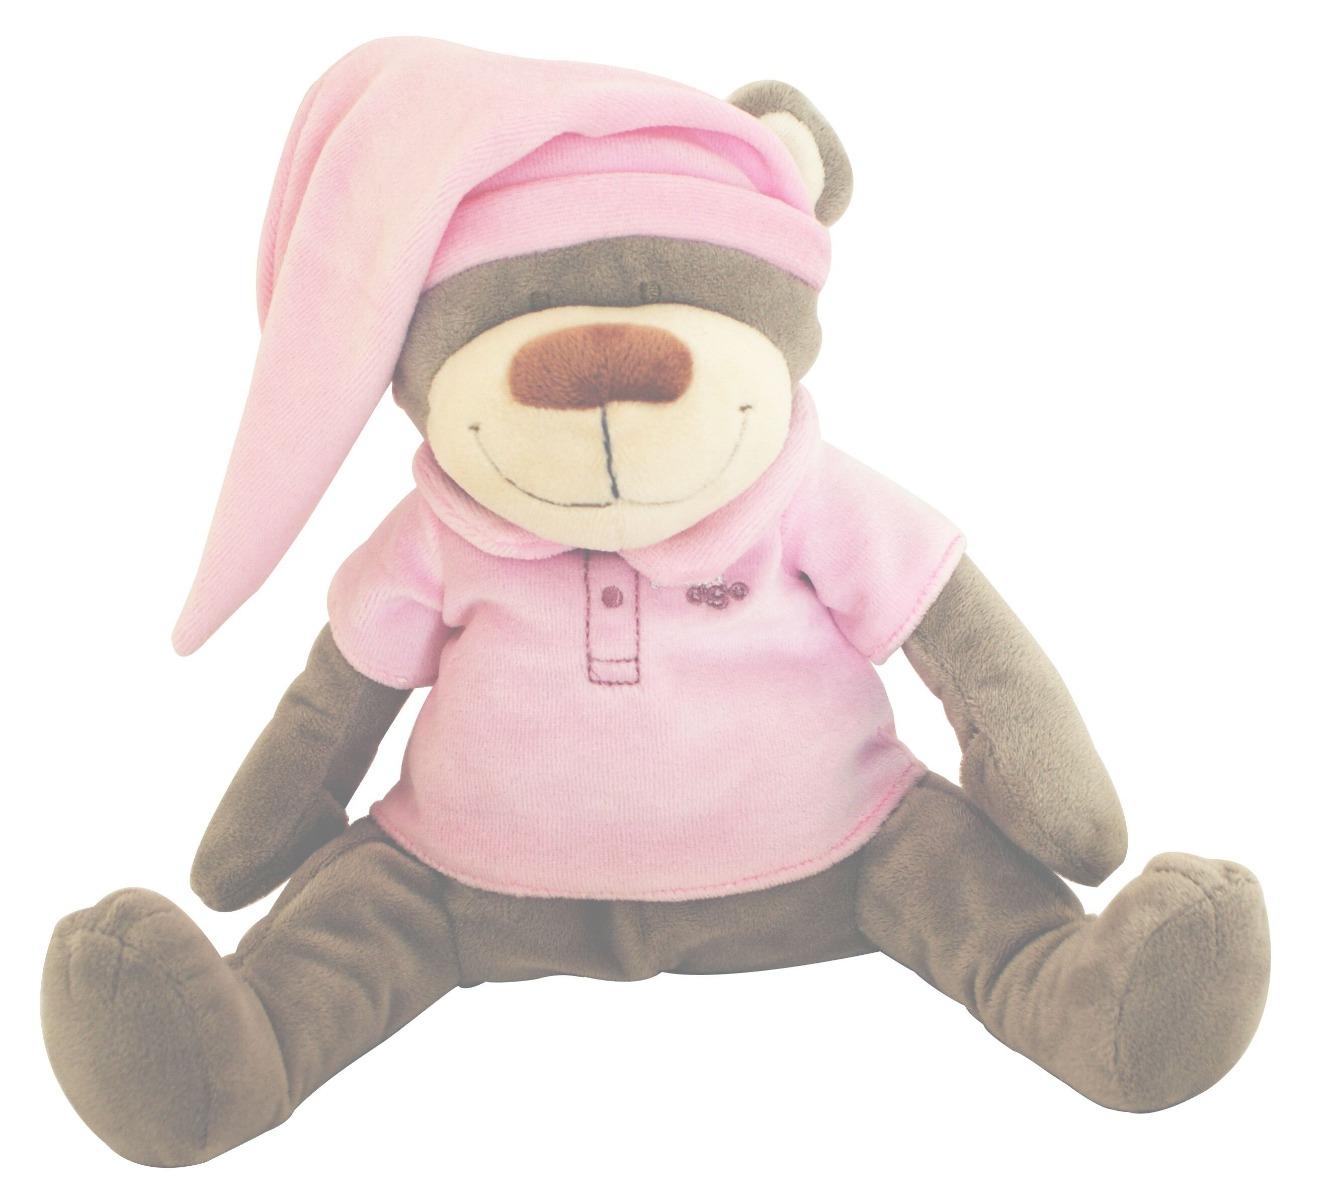 Back-to-sleep baby monitor - Pink Bear Doodoo